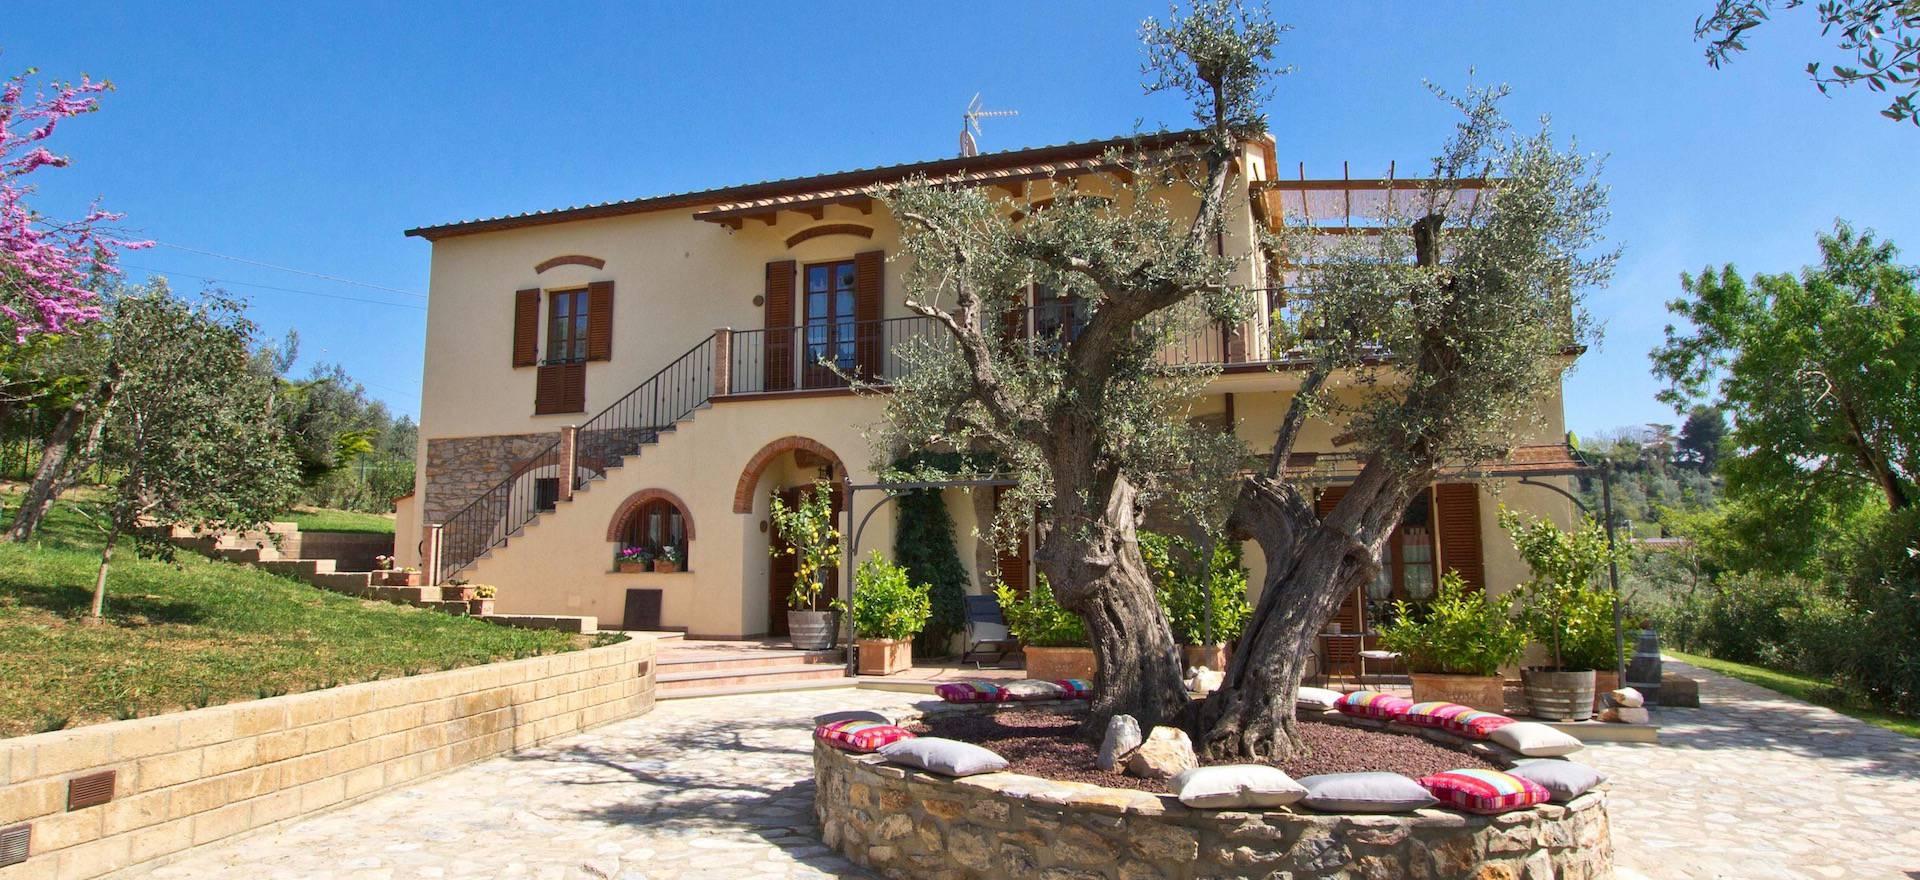 Agriturismo in olijfgaard vlakbij de kust in Toscane